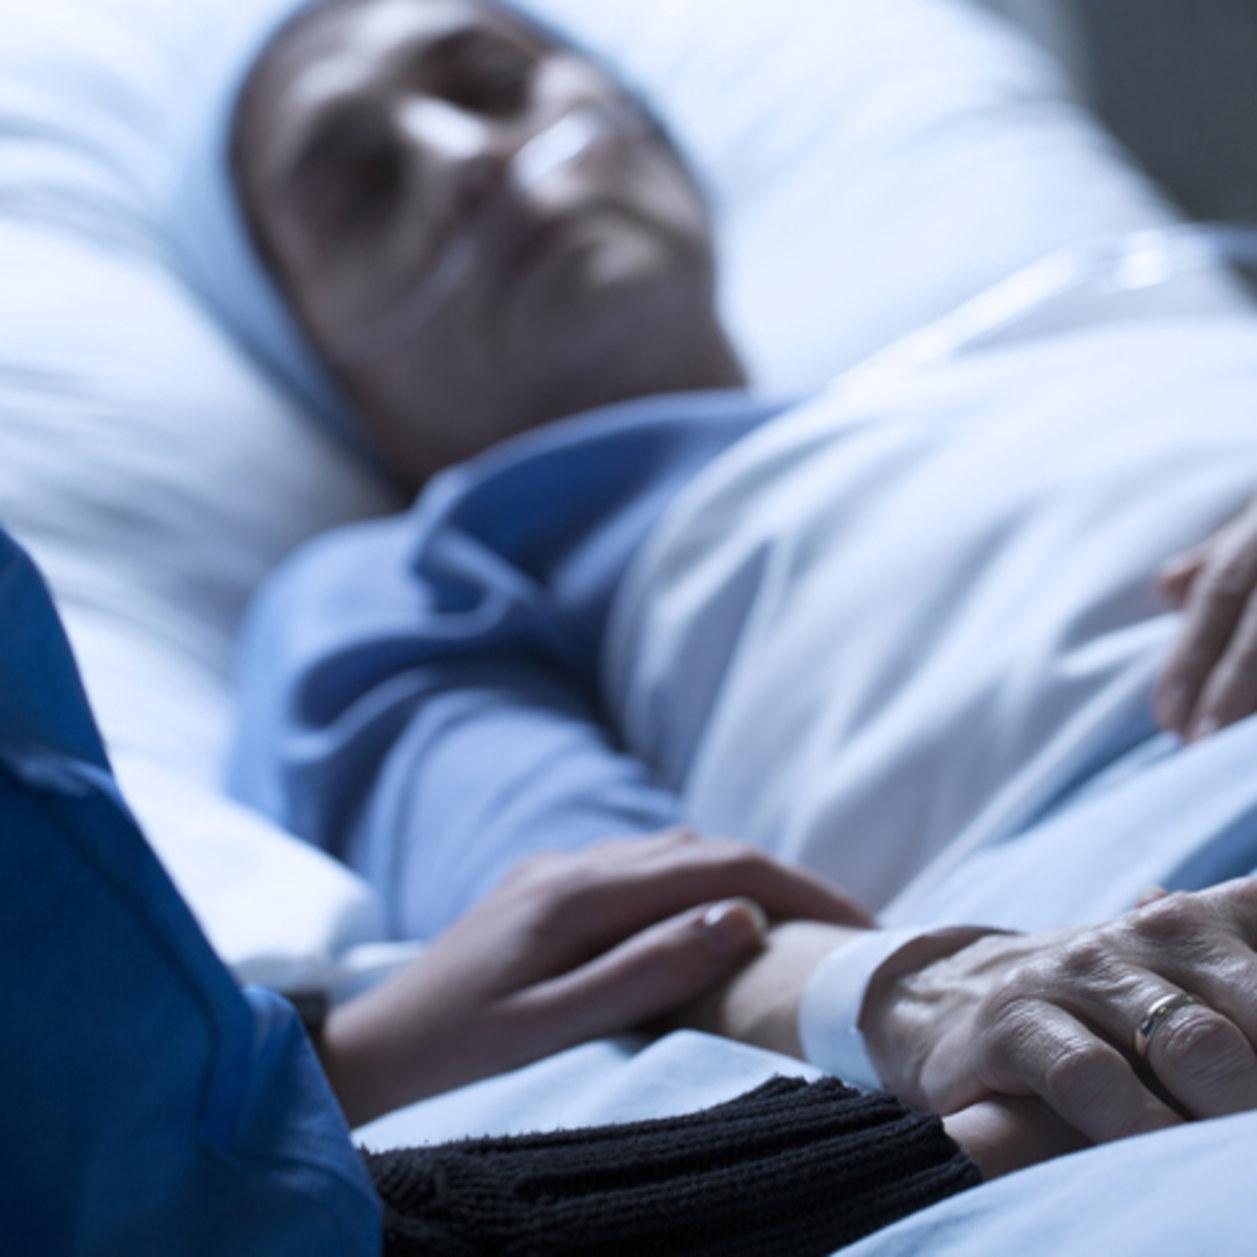 Une femme entre la vie et la mort après que son mari a tenté de l'immoler